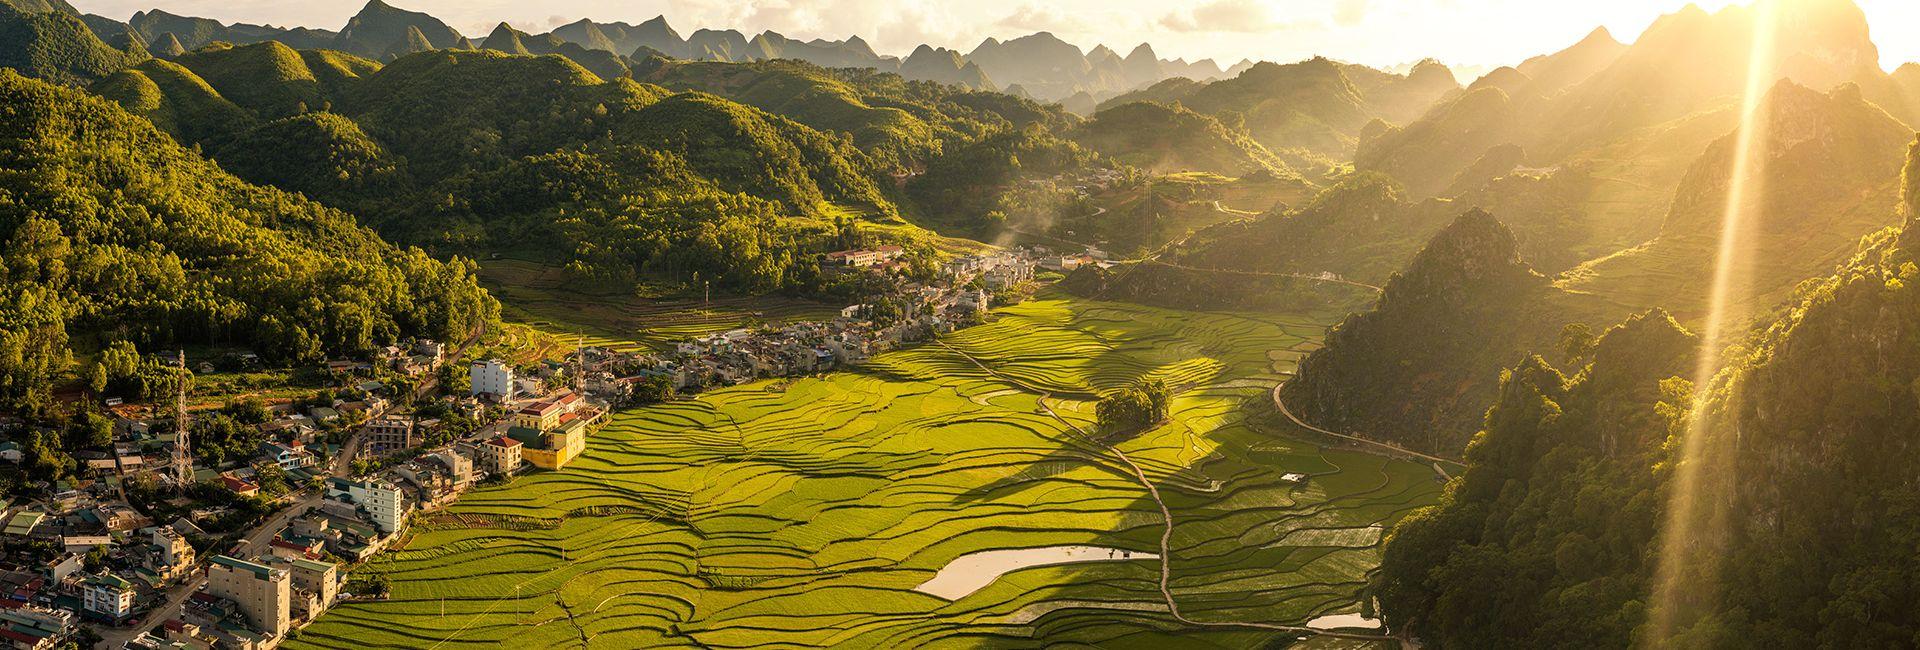 Khám phá vẻ đẹp 4 mùa của Hà Giang